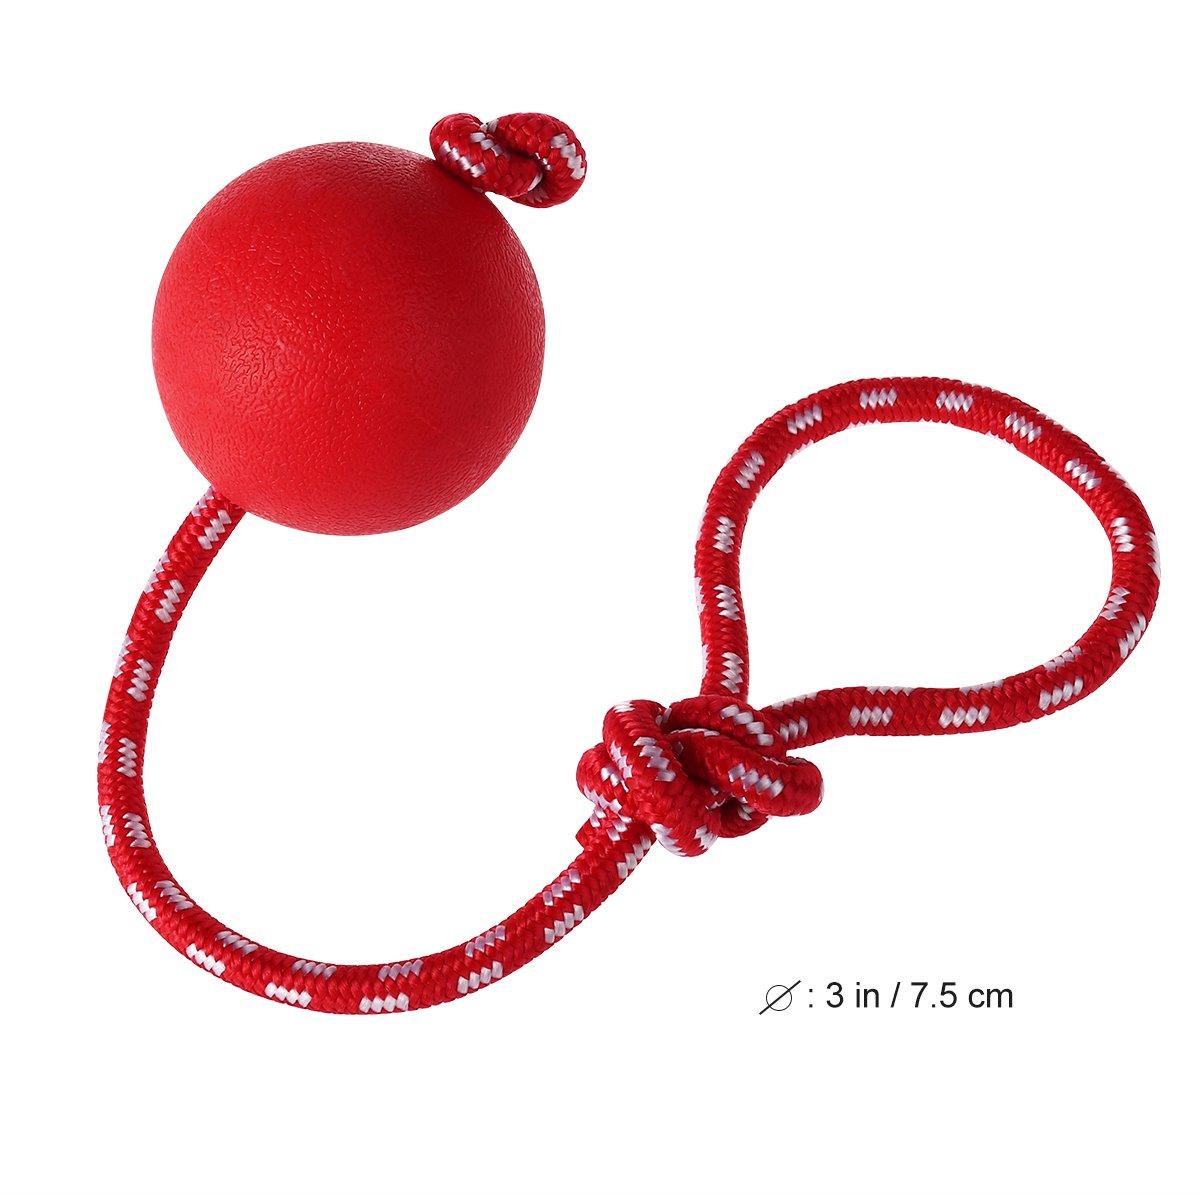 UEETEK Bola de Juguete Masticar Goma de Mascota con la Cuerda ...